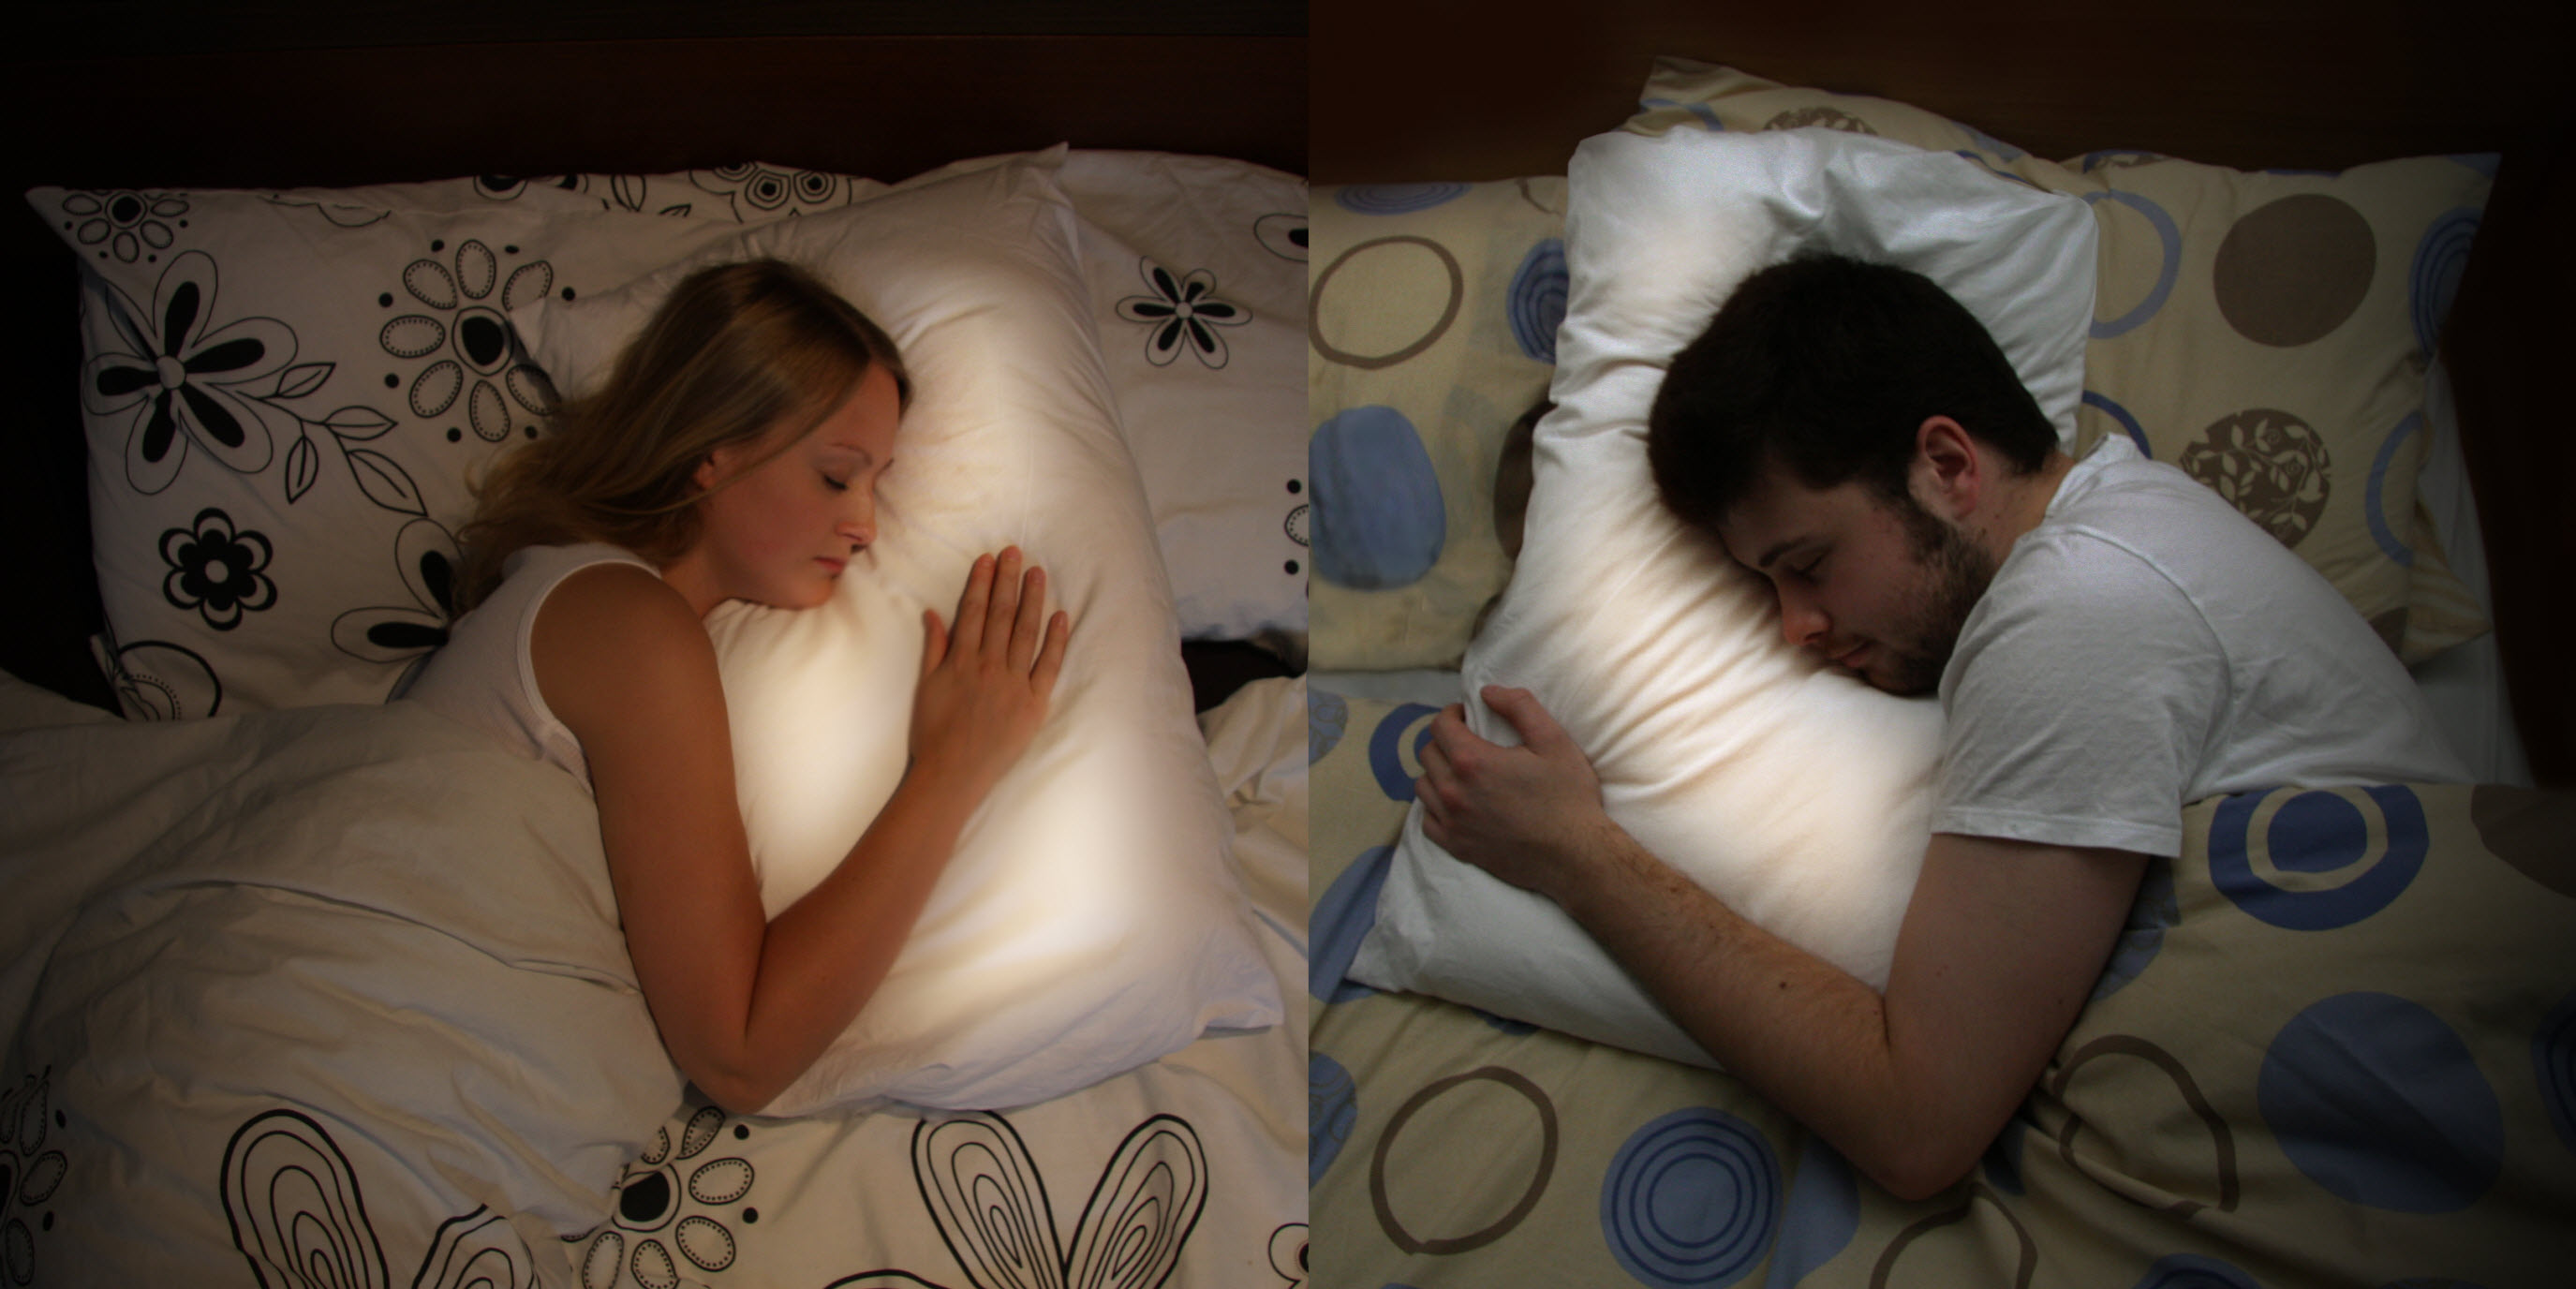 2012-11-13-PillowTalk.jpg